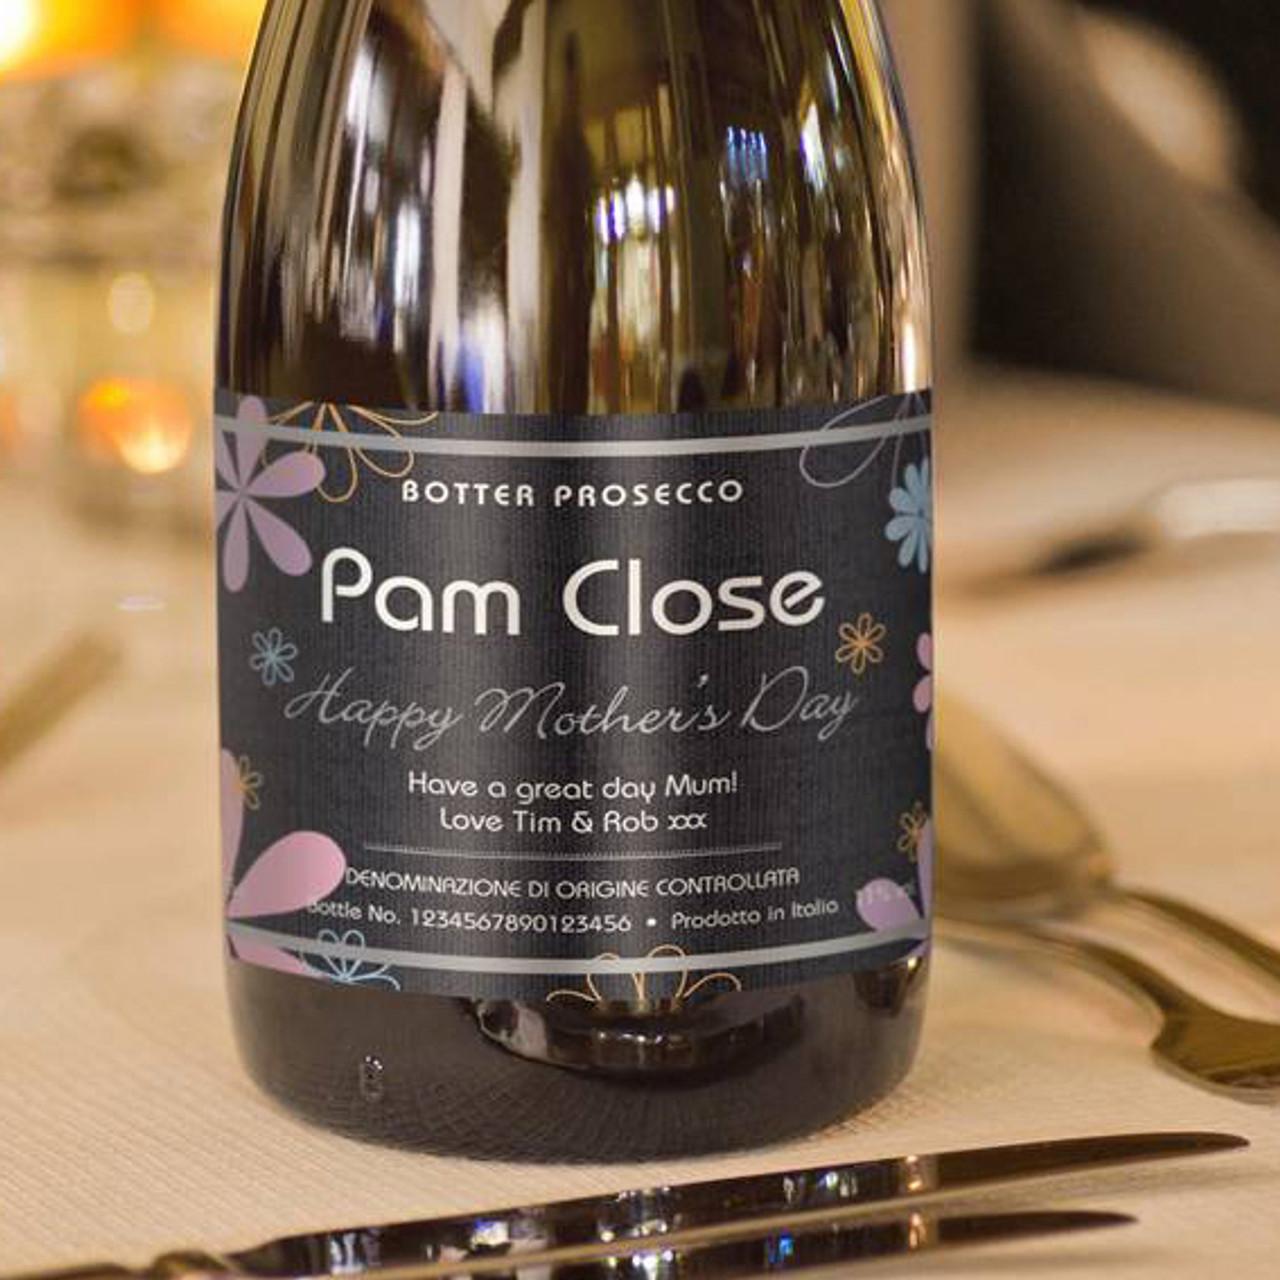 Champagne, Prosecco & Wine